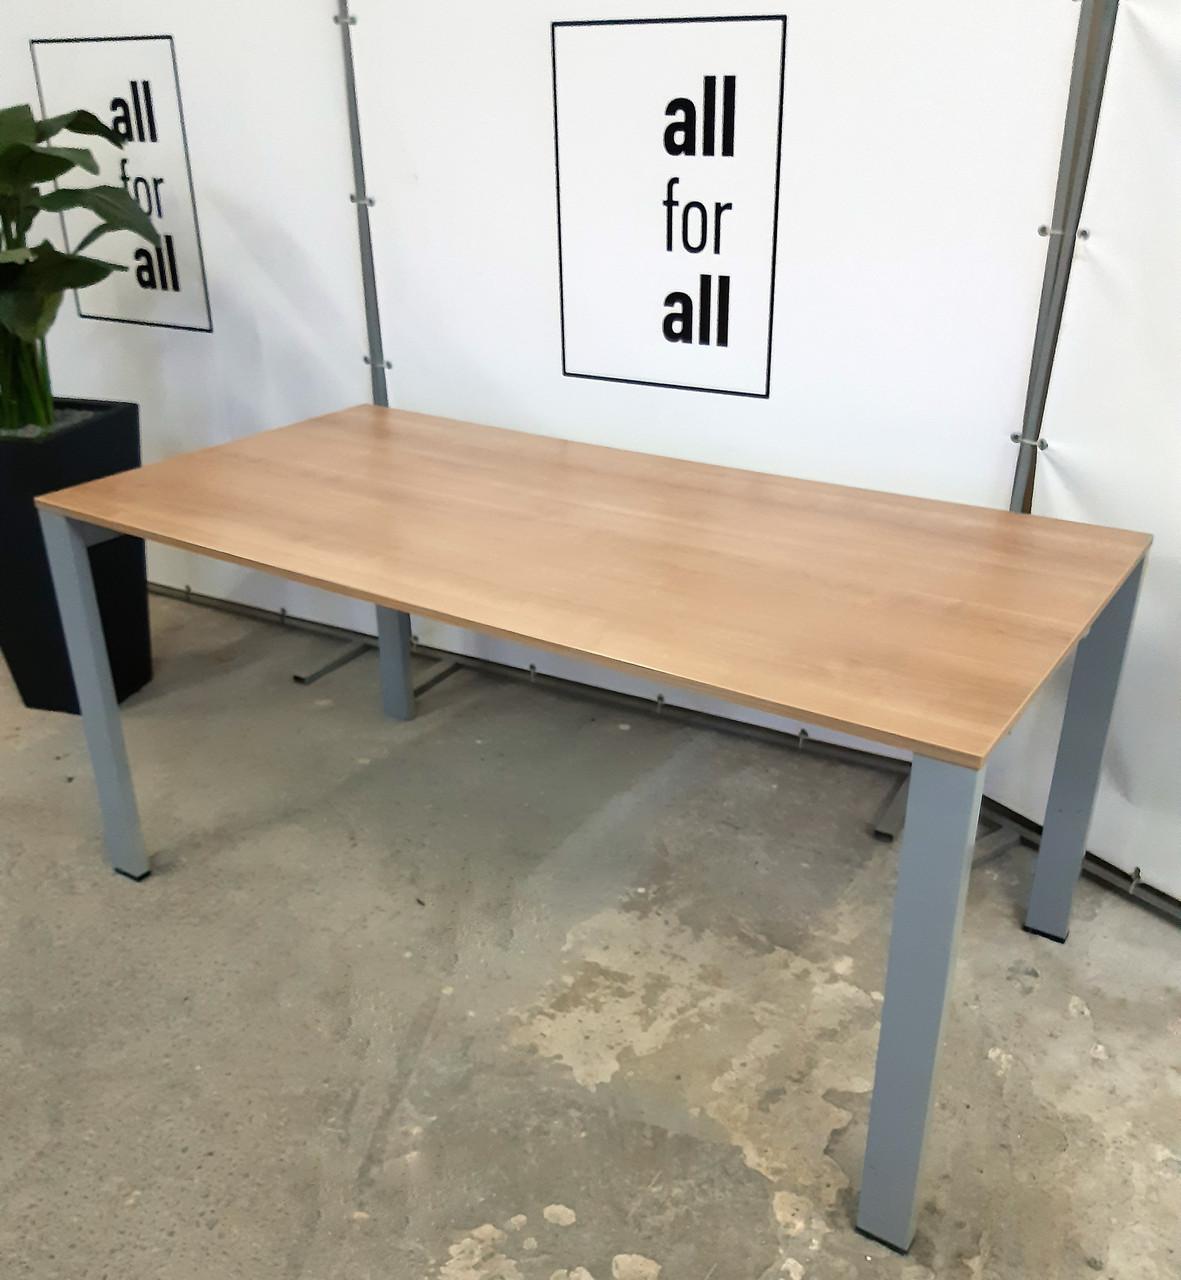 Столешница, стол коричневый Древесно-стружечная плита